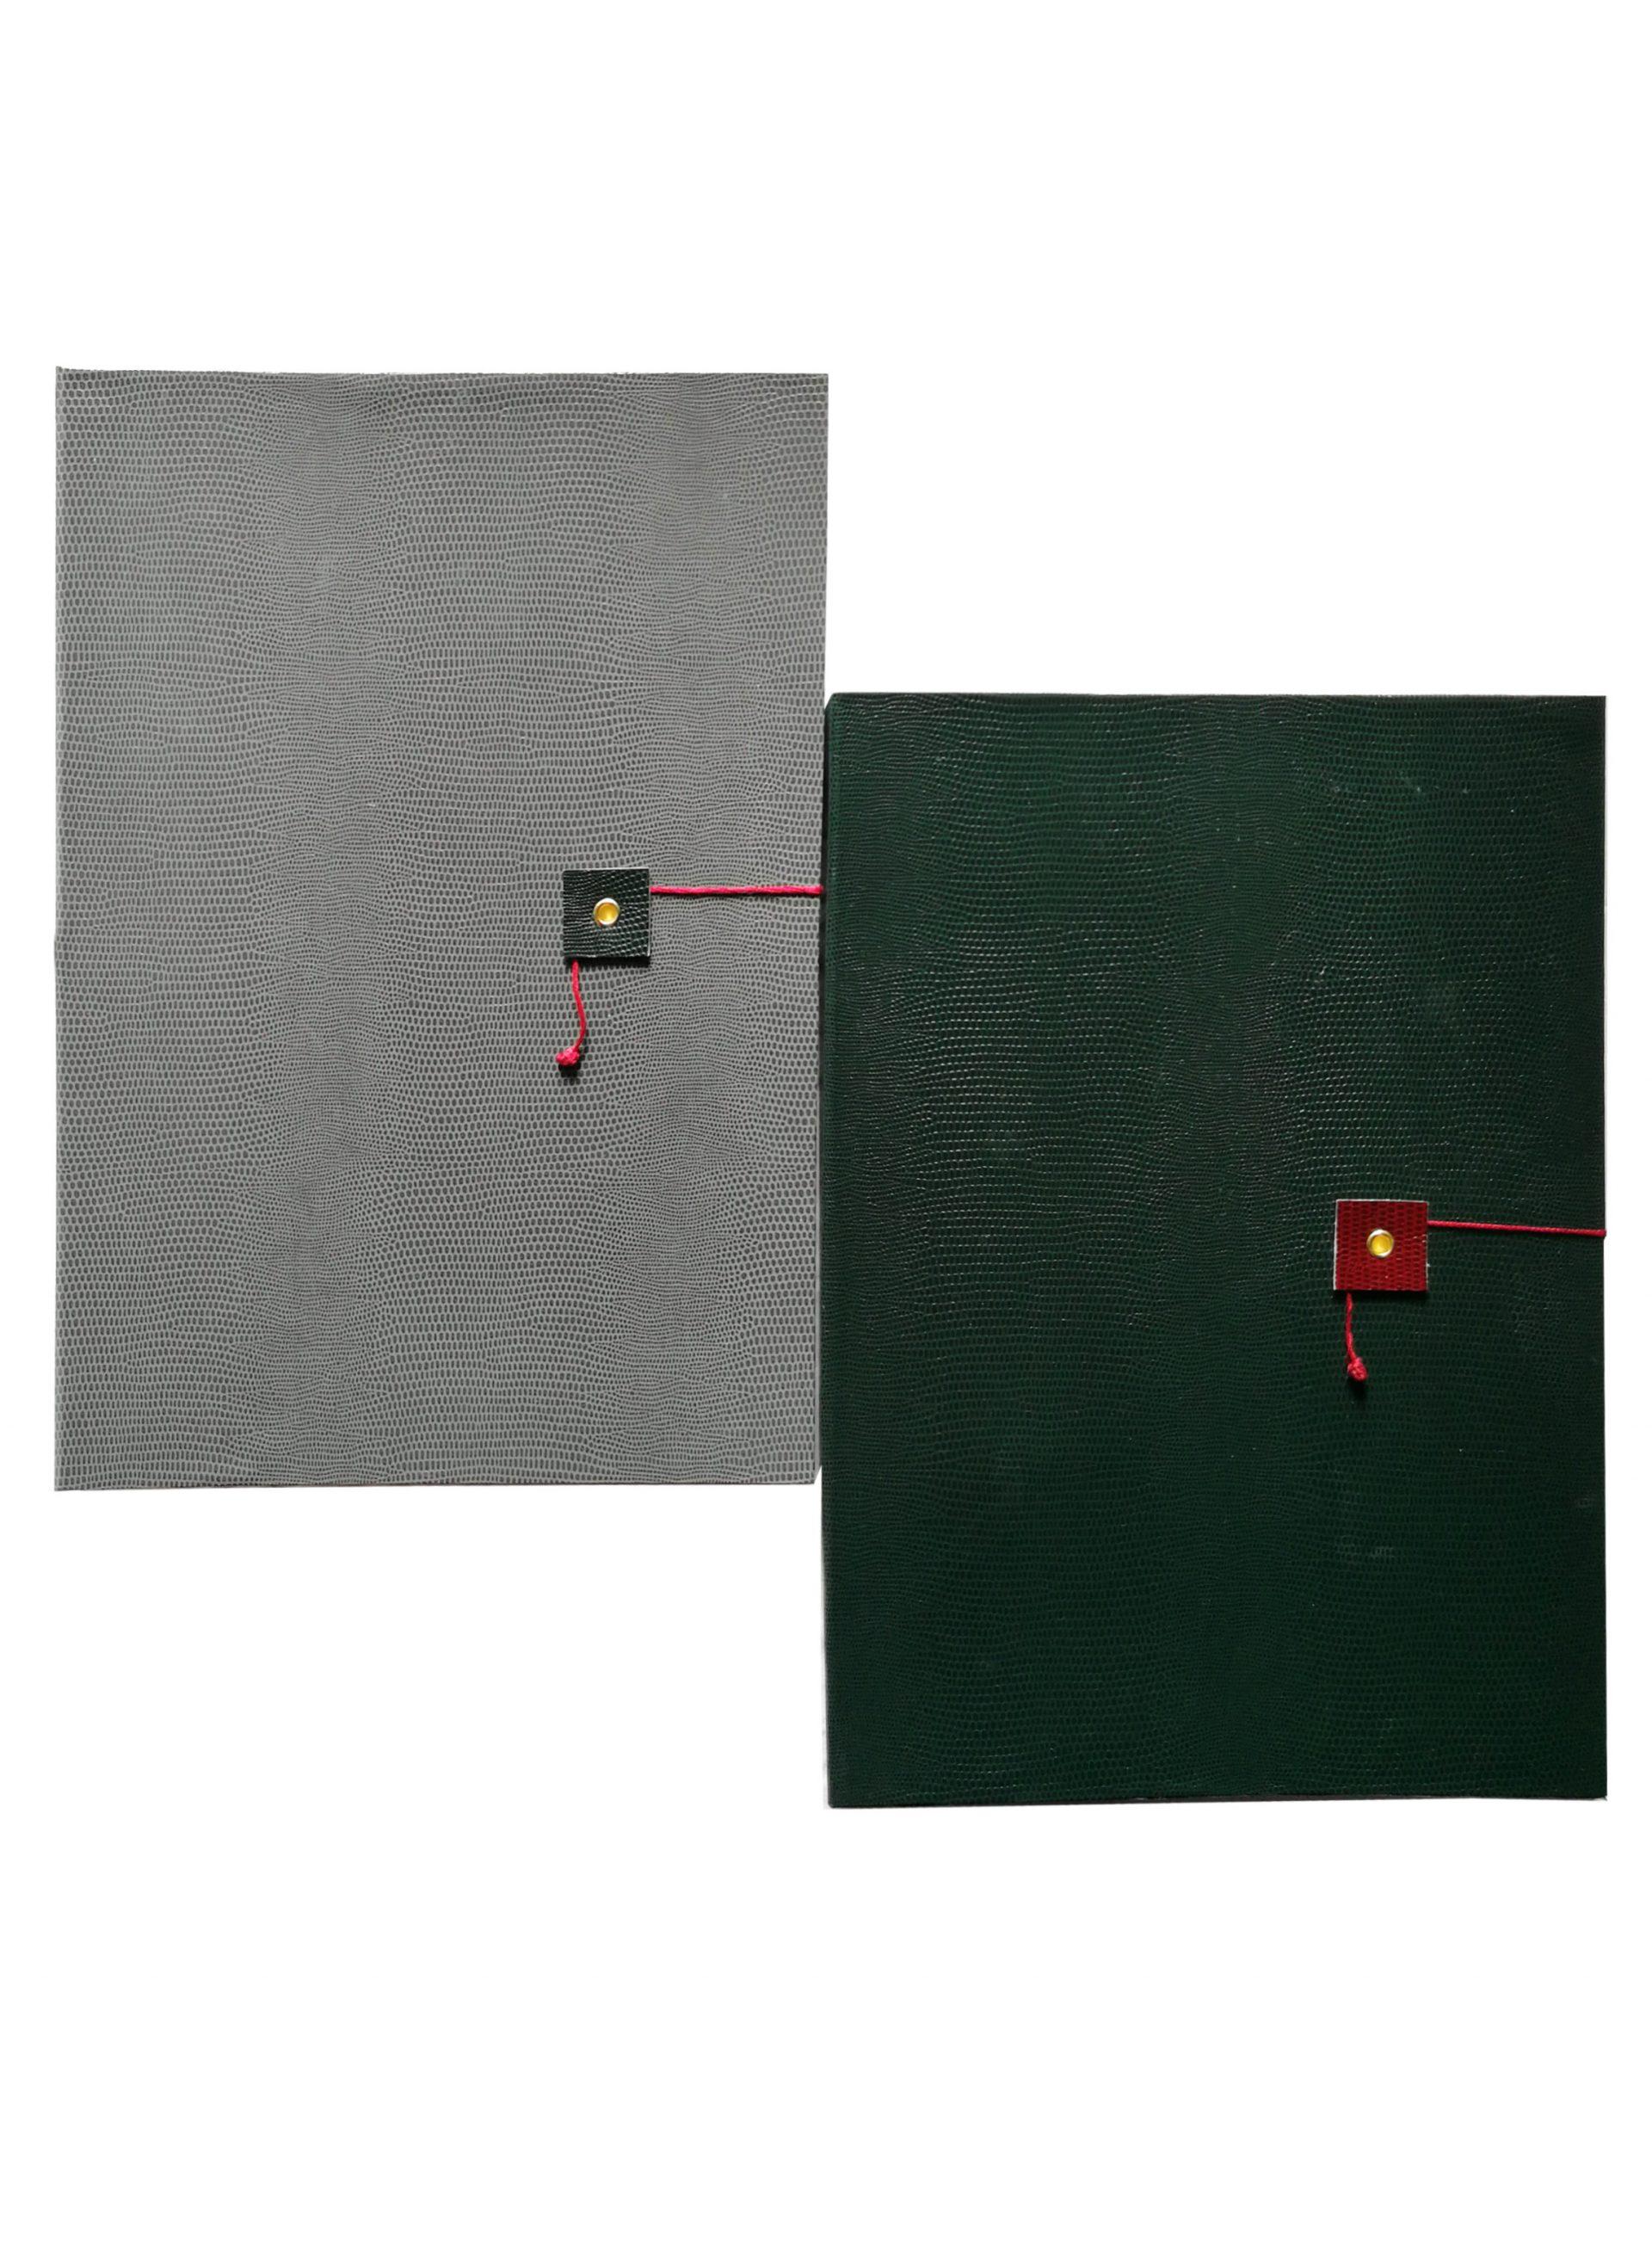 Quaderni 4a. A4 Grigio e verde